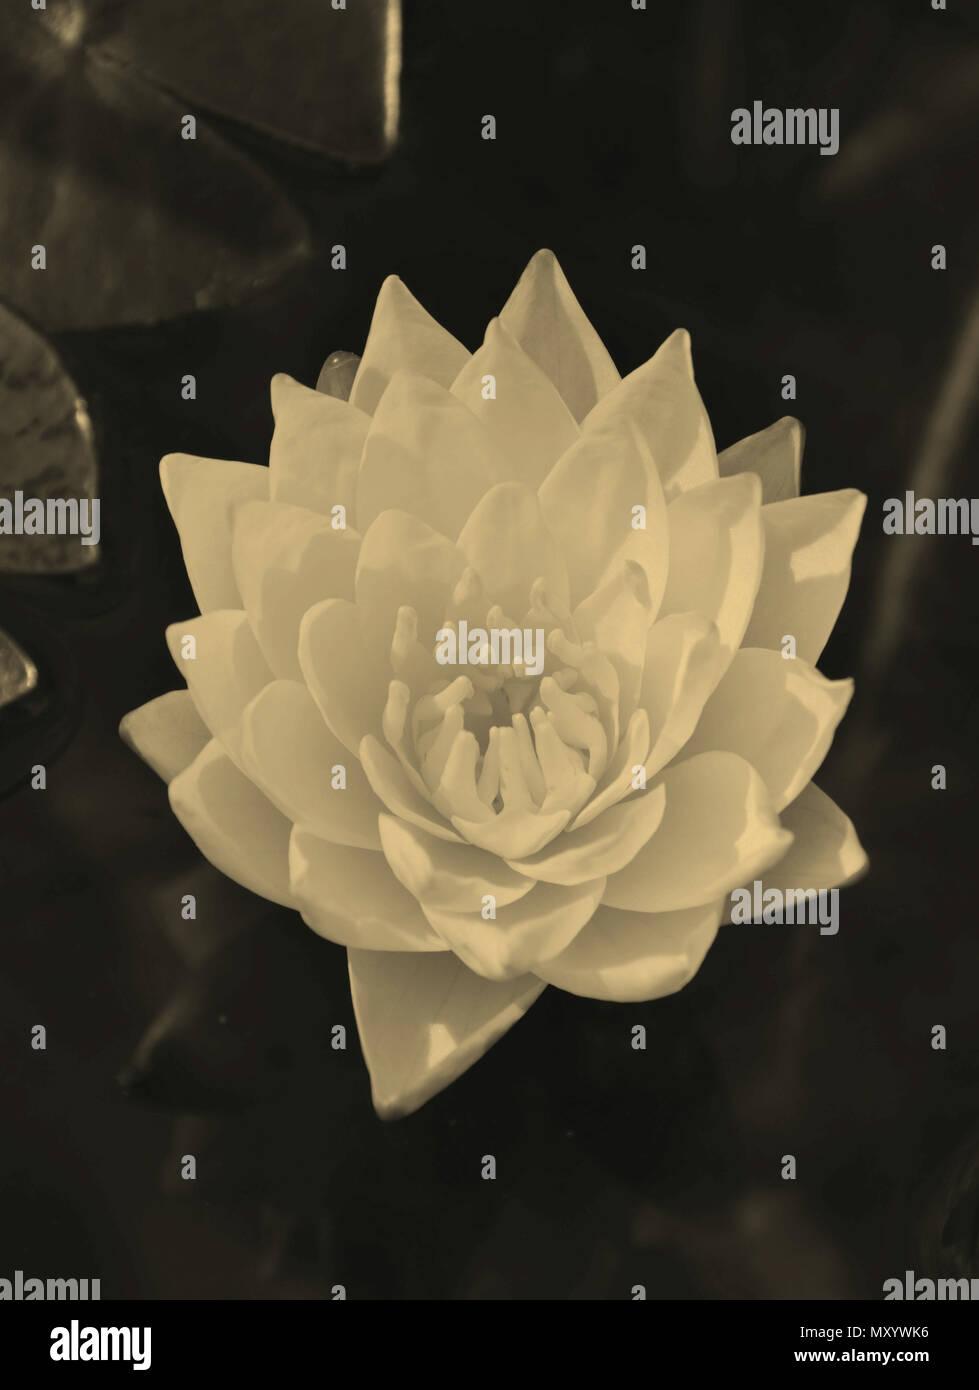 Water Lily avec effet sépia comme un signe de la perte, tristesse et solitude Photo Stock